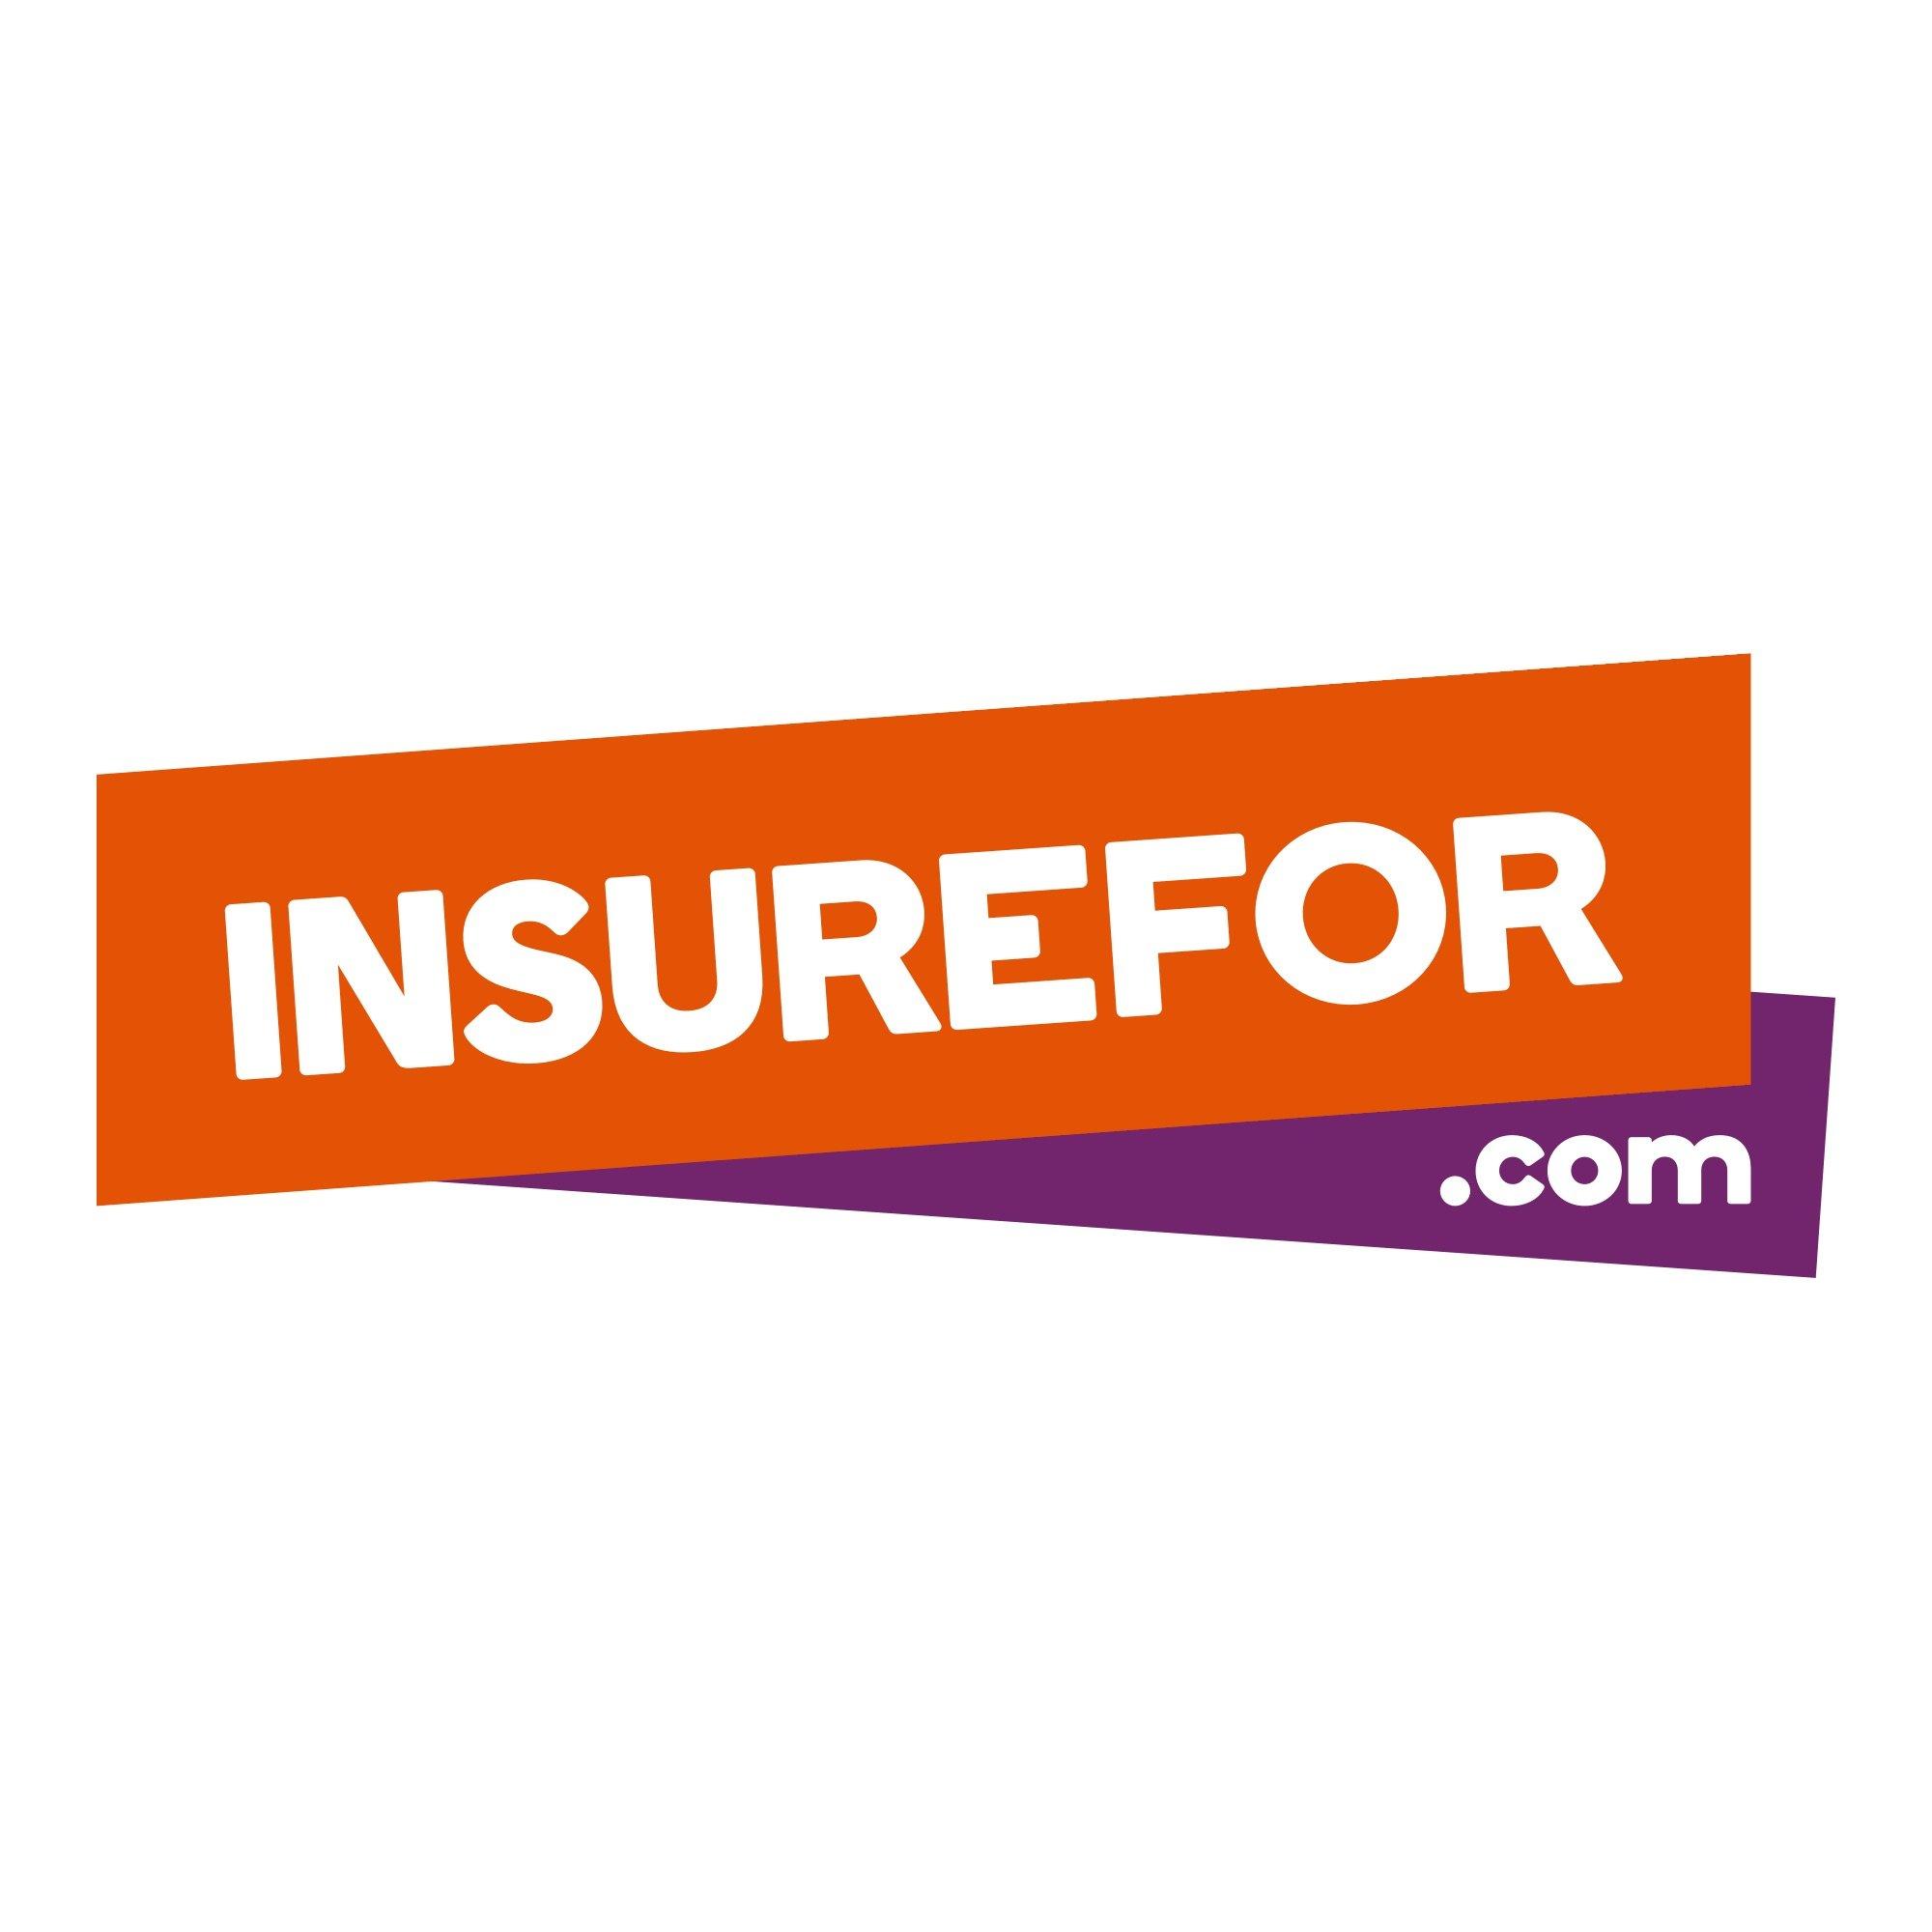 insurefor.com logo